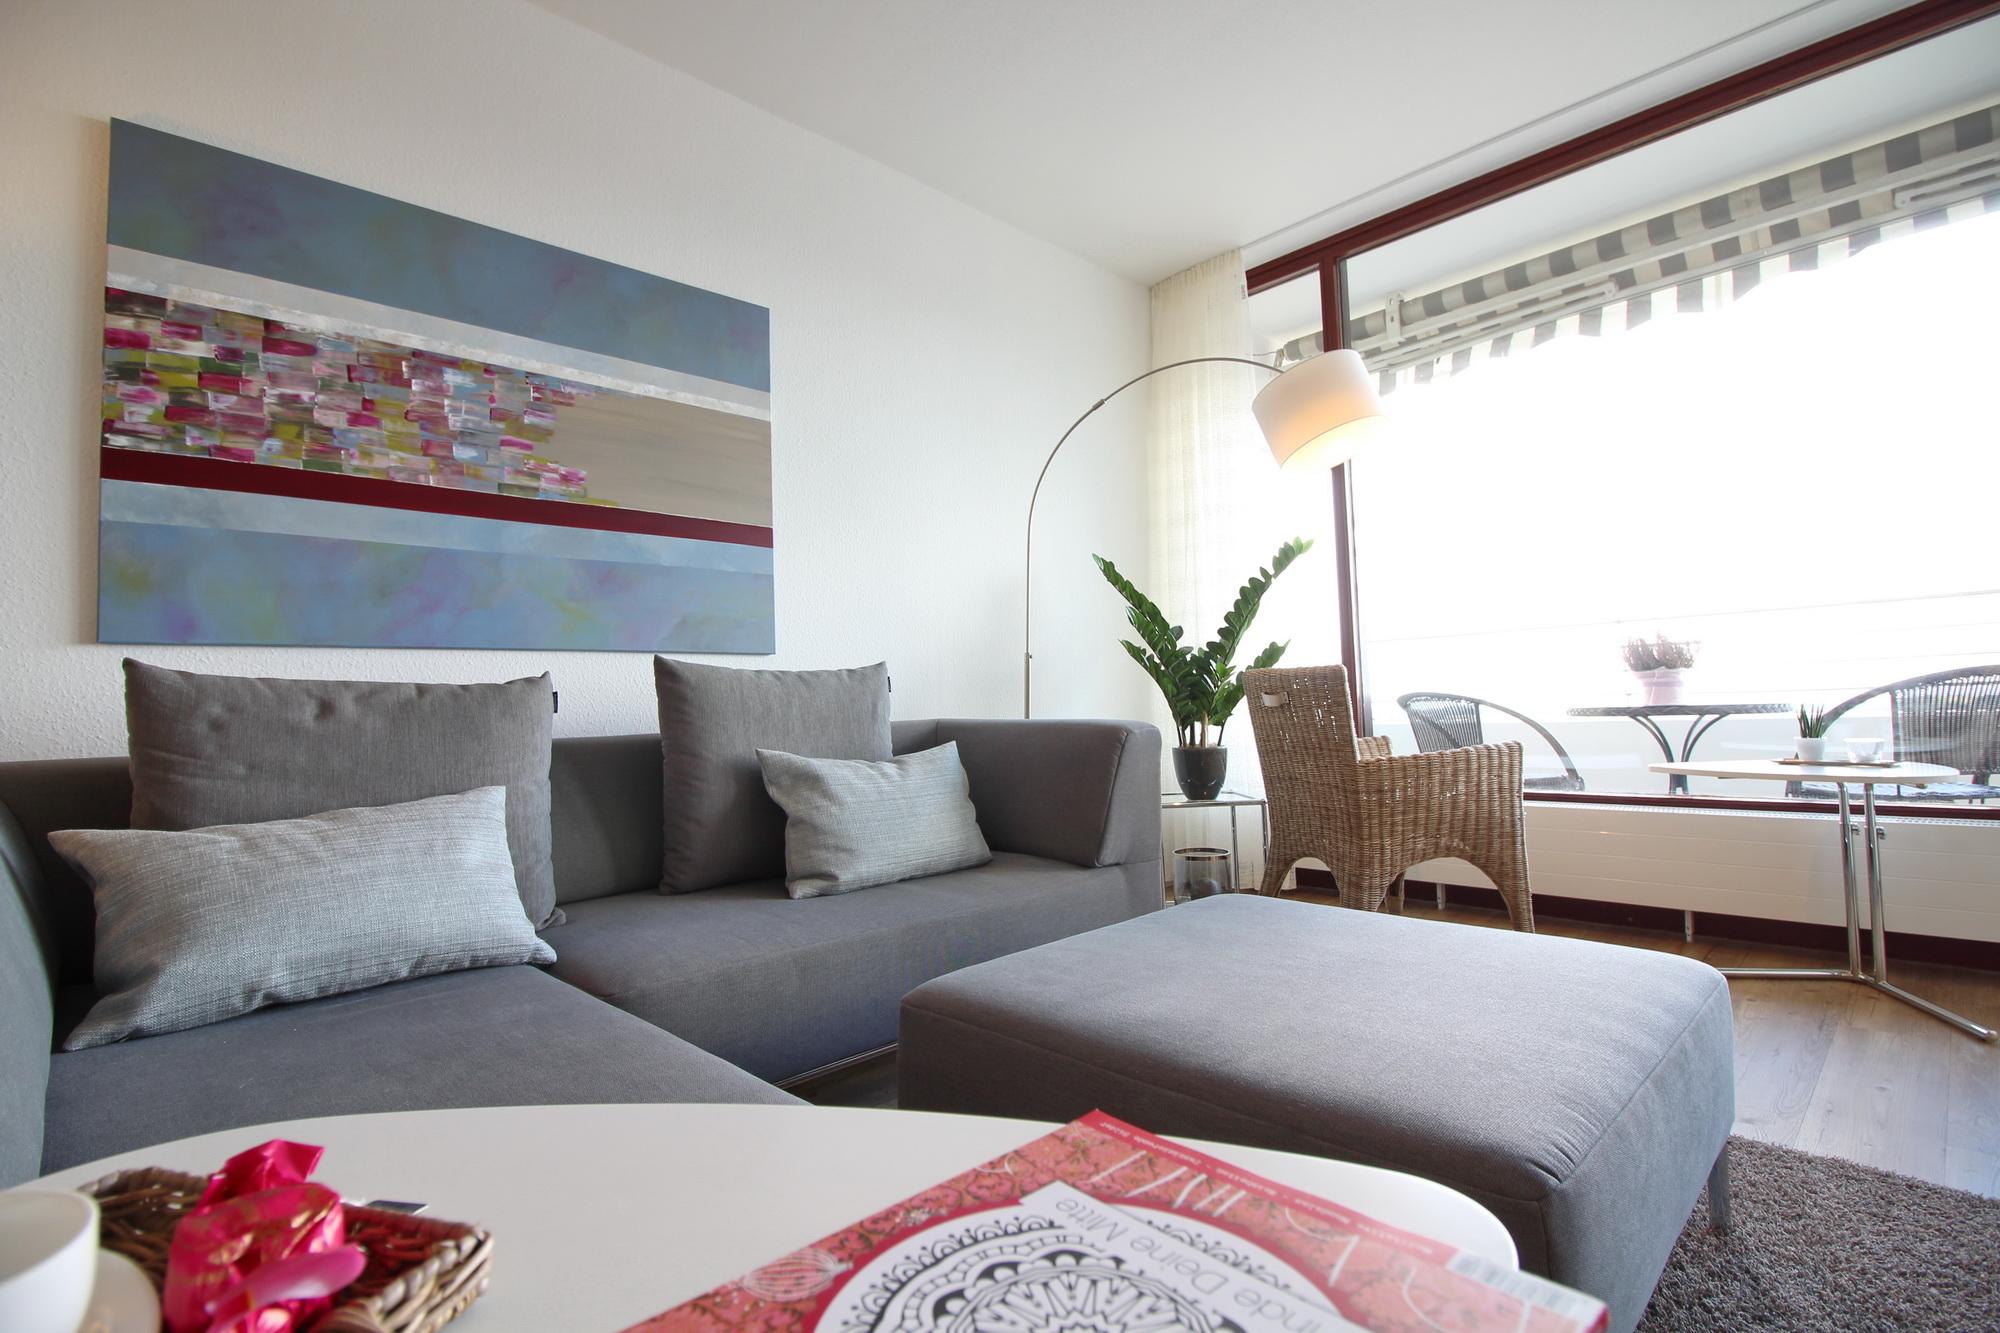 ivd stellt checkliste f r m bliertes wohnen zur verf gung. Black Bedroom Furniture Sets. Home Design Ideas